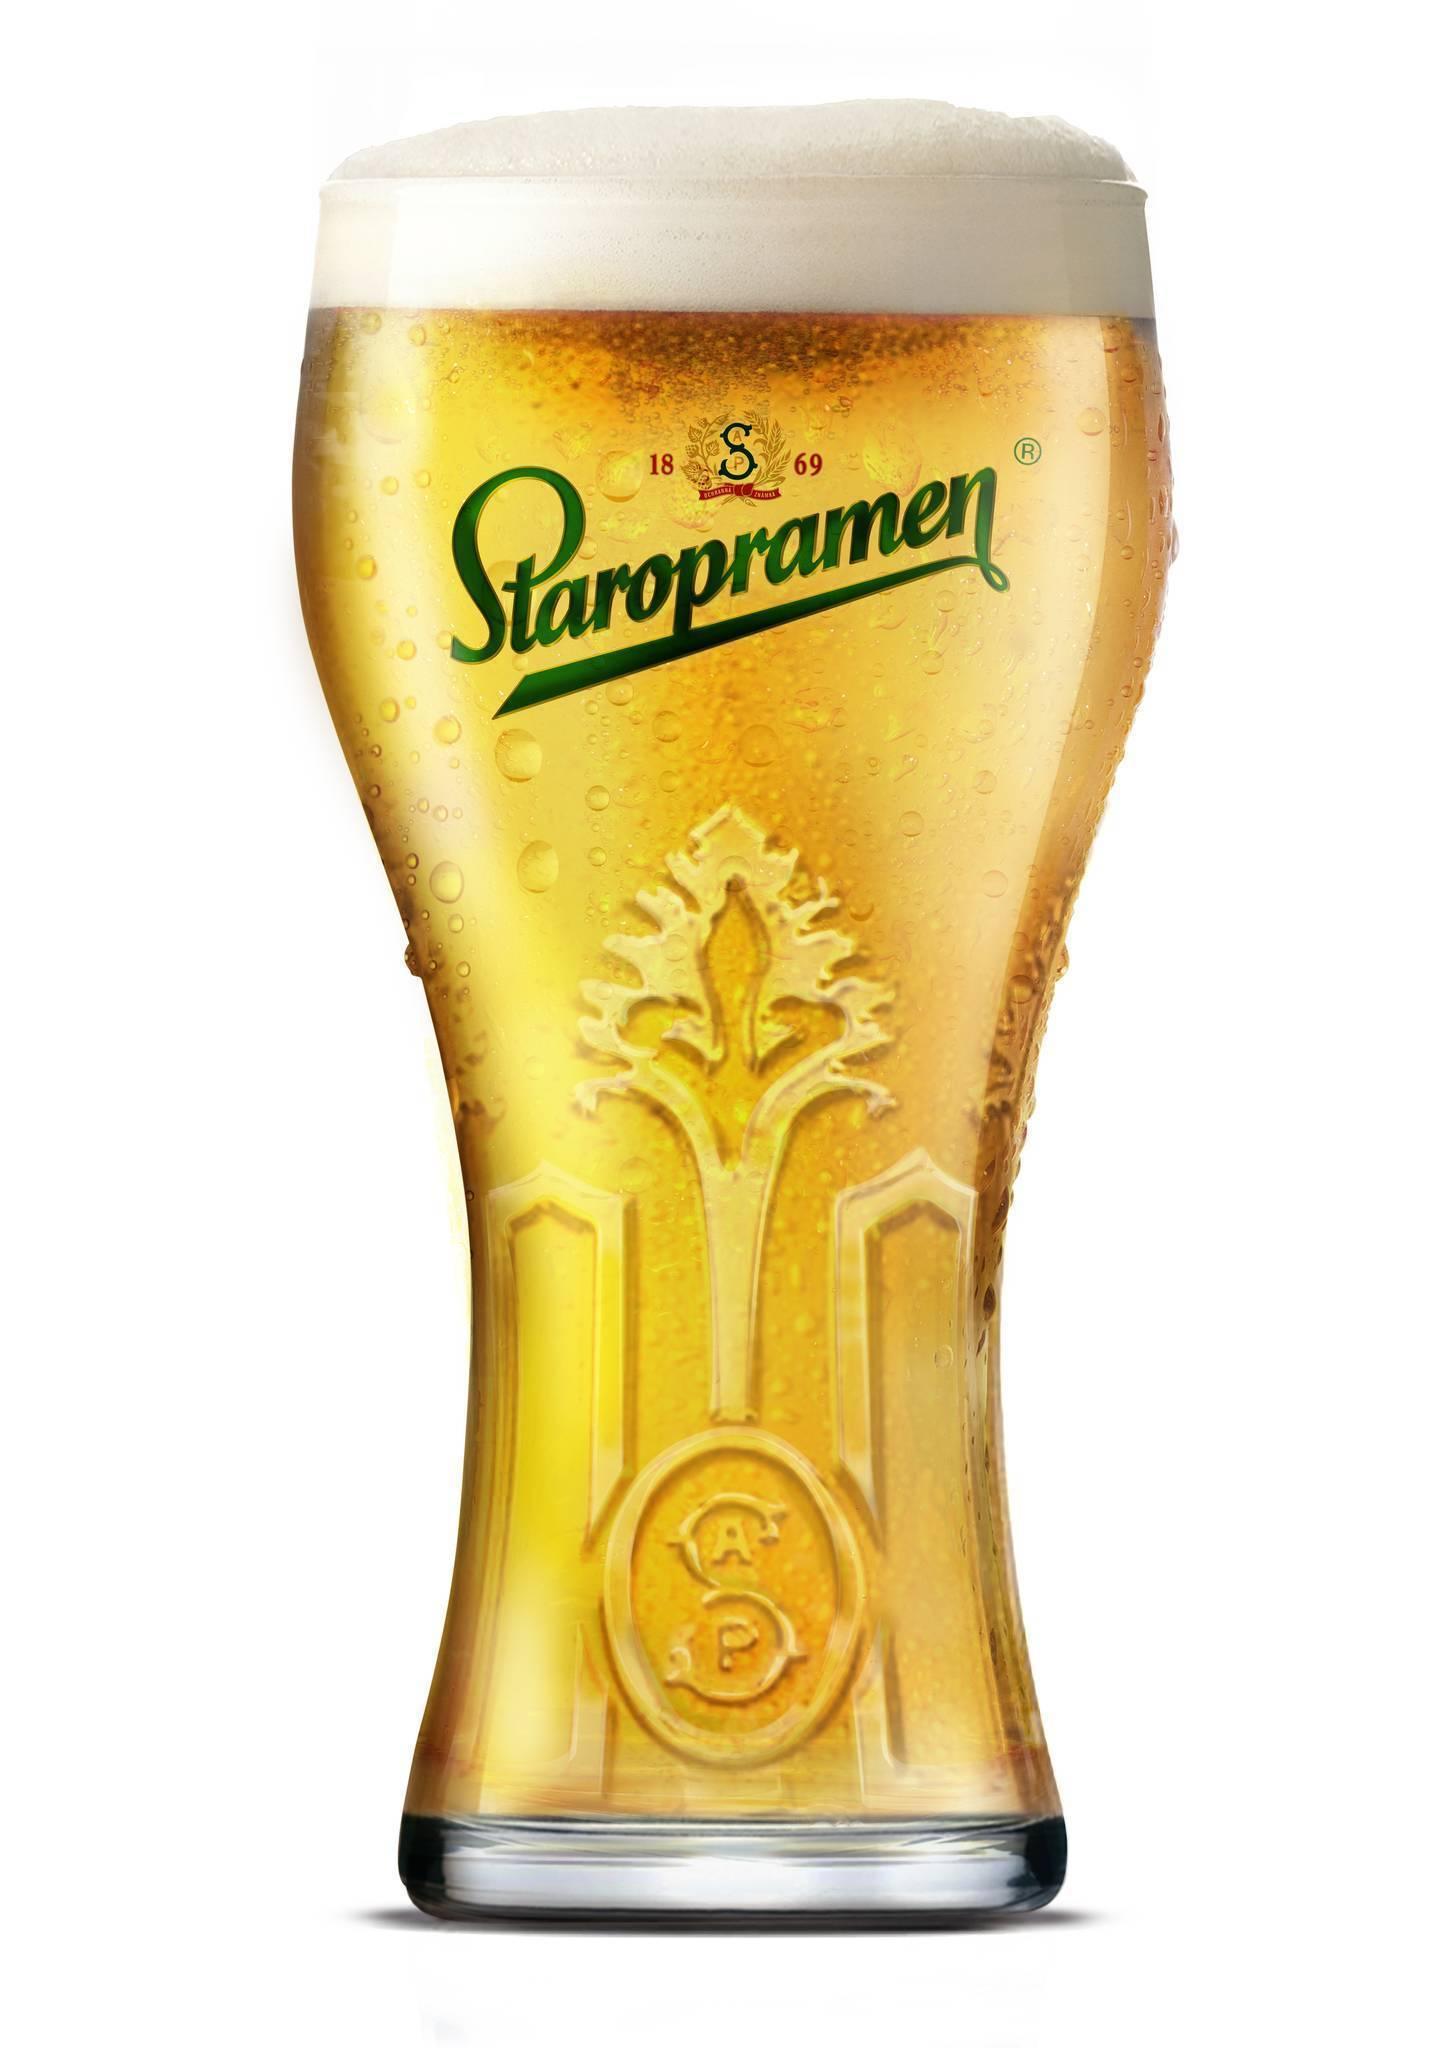 Пиво «старопрамен»: отзывы, фото, производитель в россии